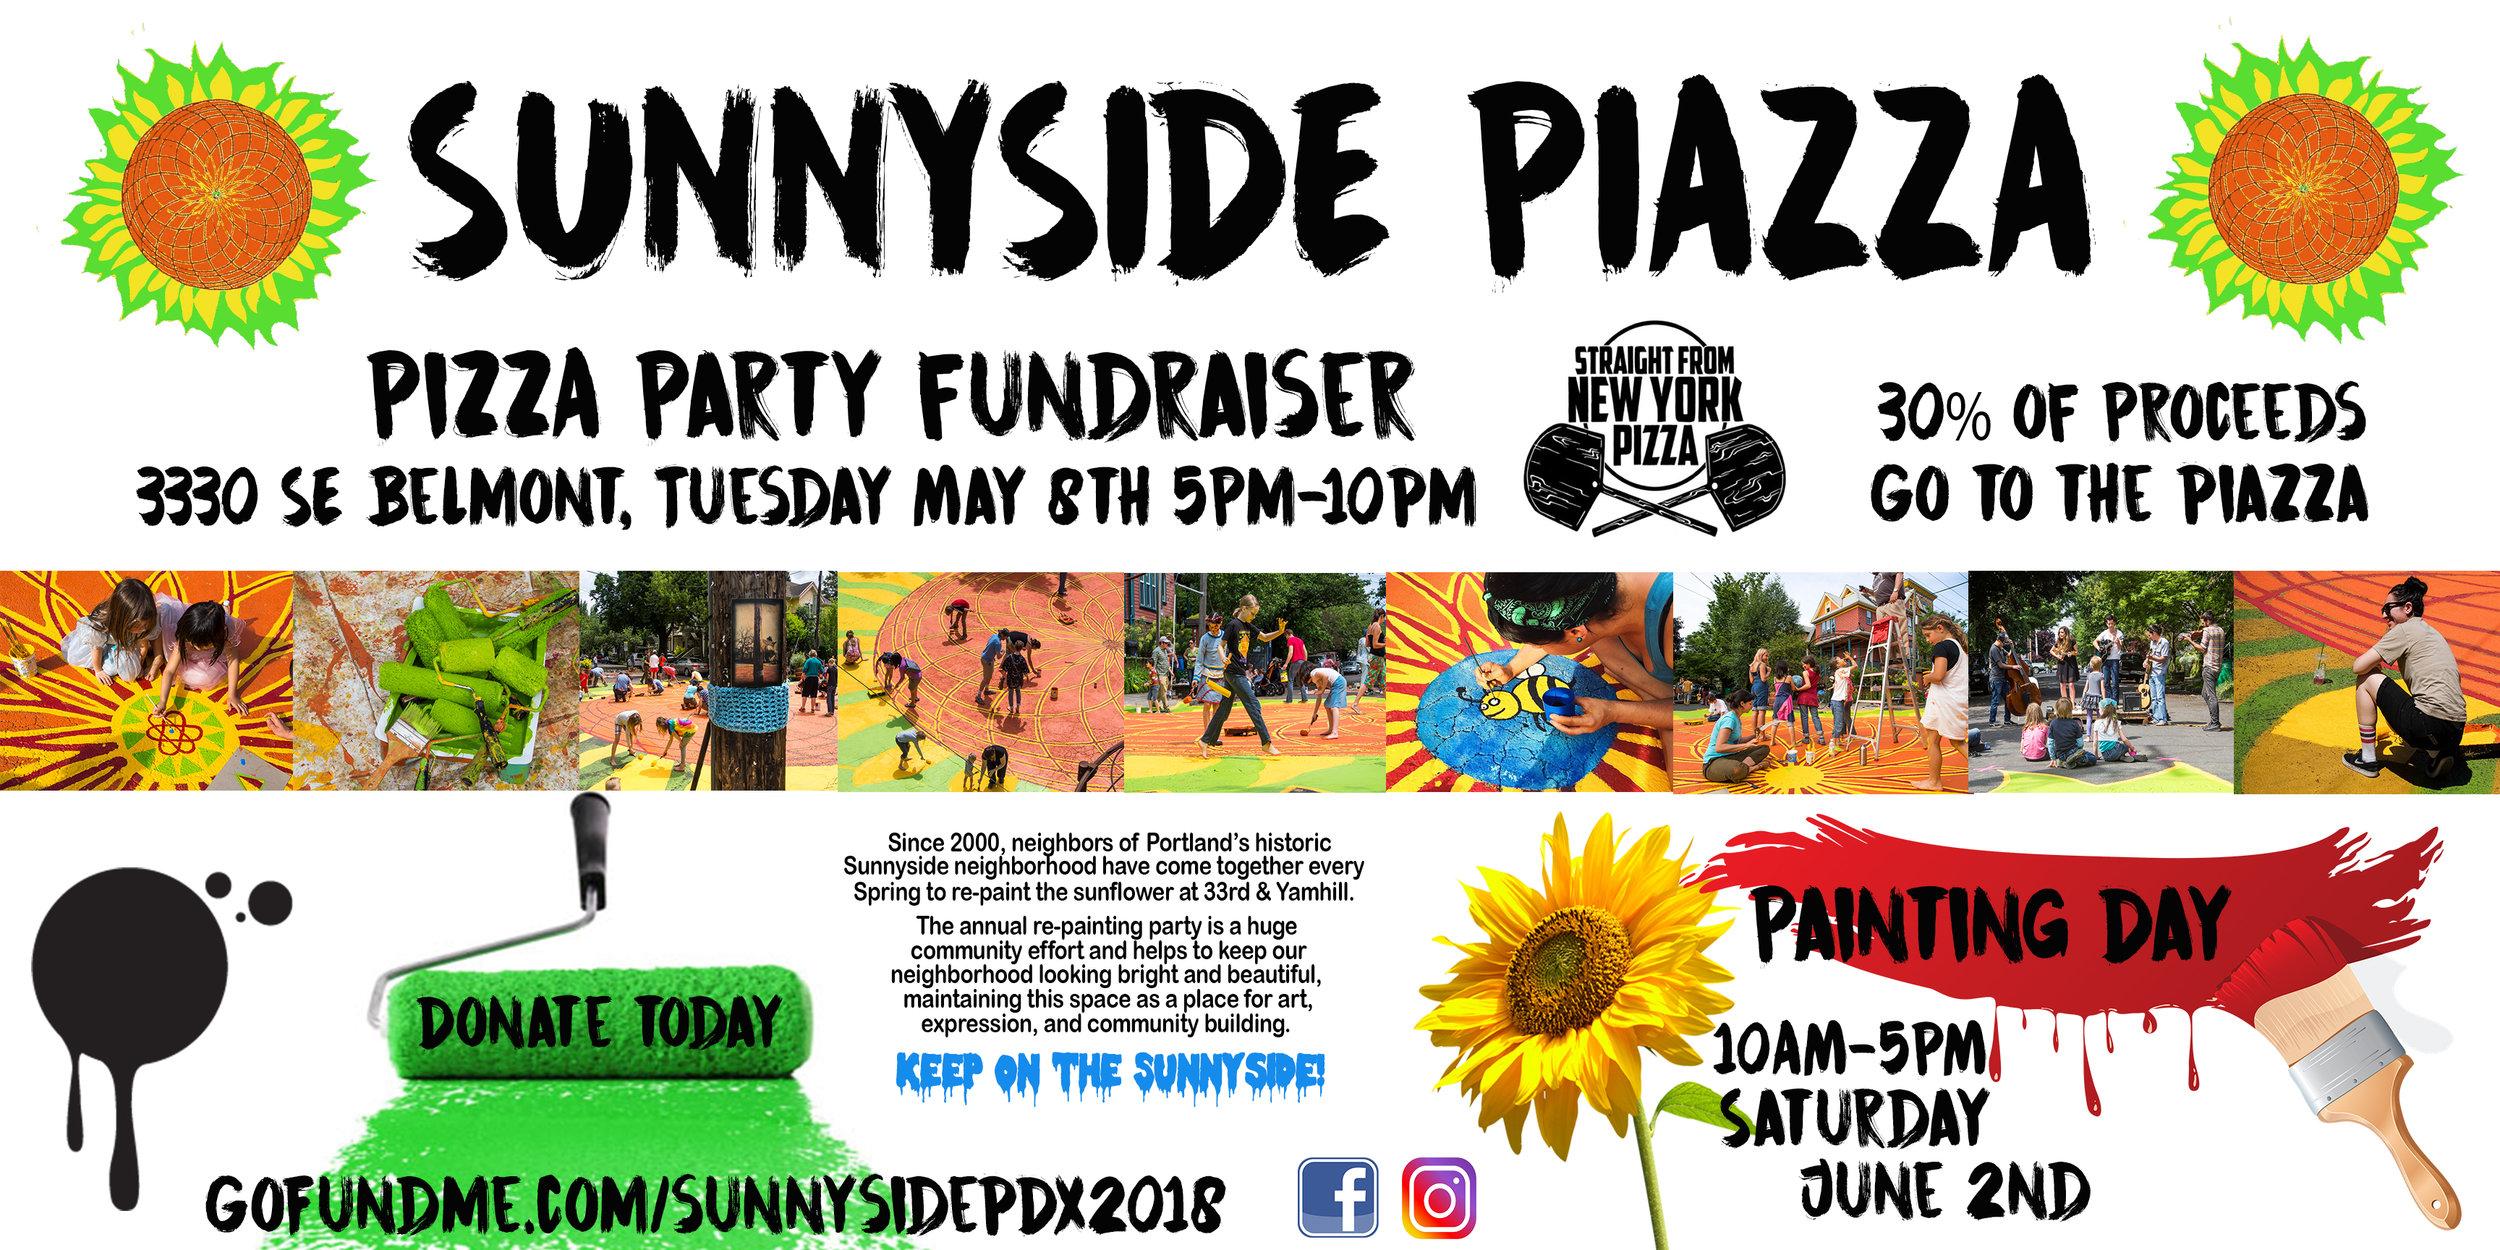 Sunnyside Piazza Annoucement Banner.jpg